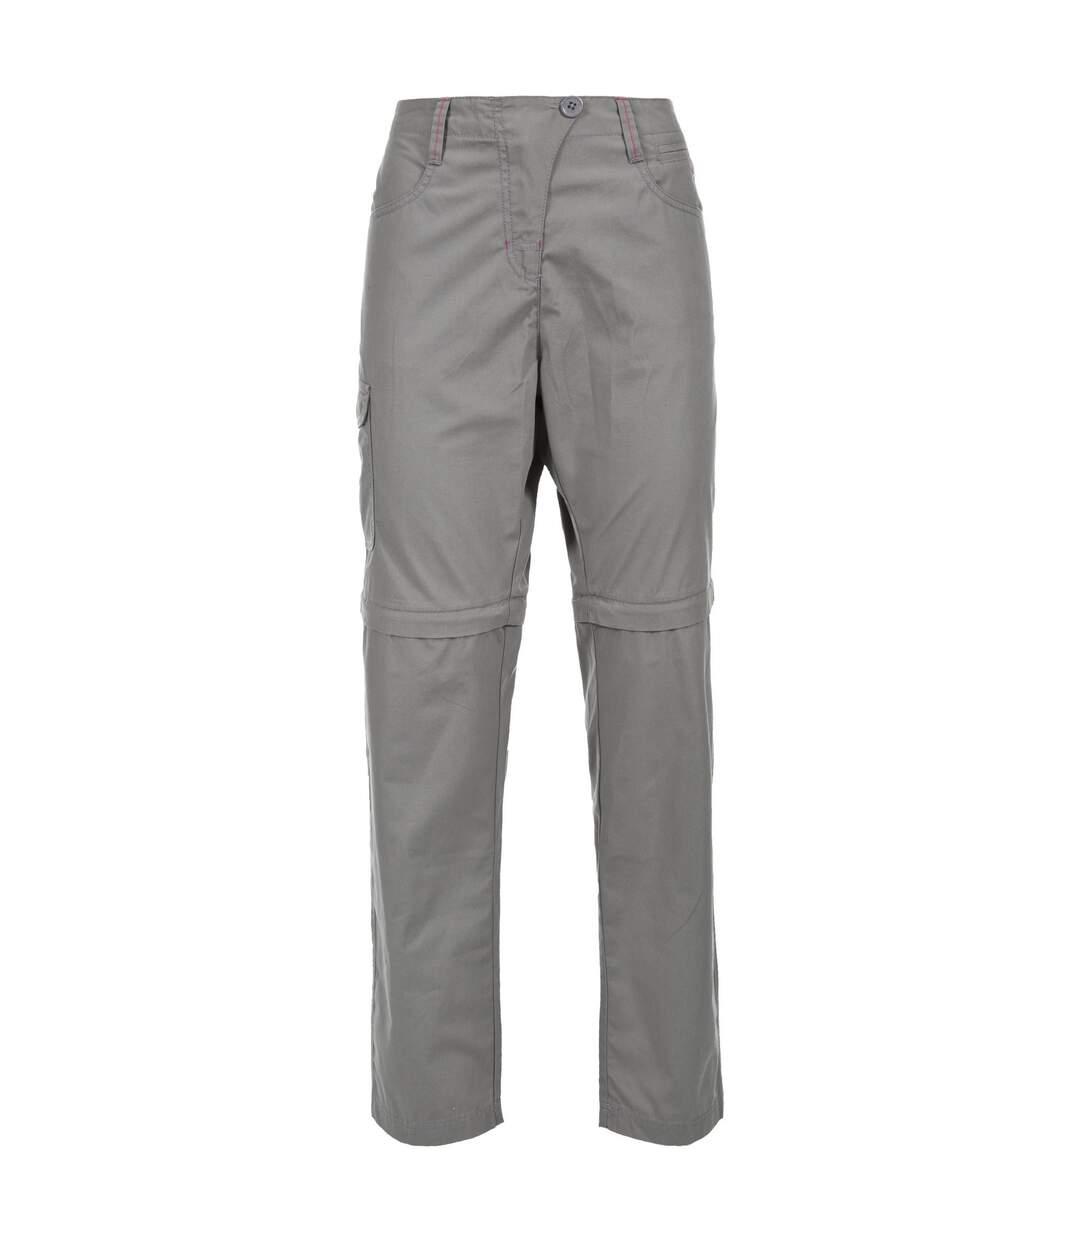 Trespass - Pantalon Rambler - Femme (Gris) - UTTP3592